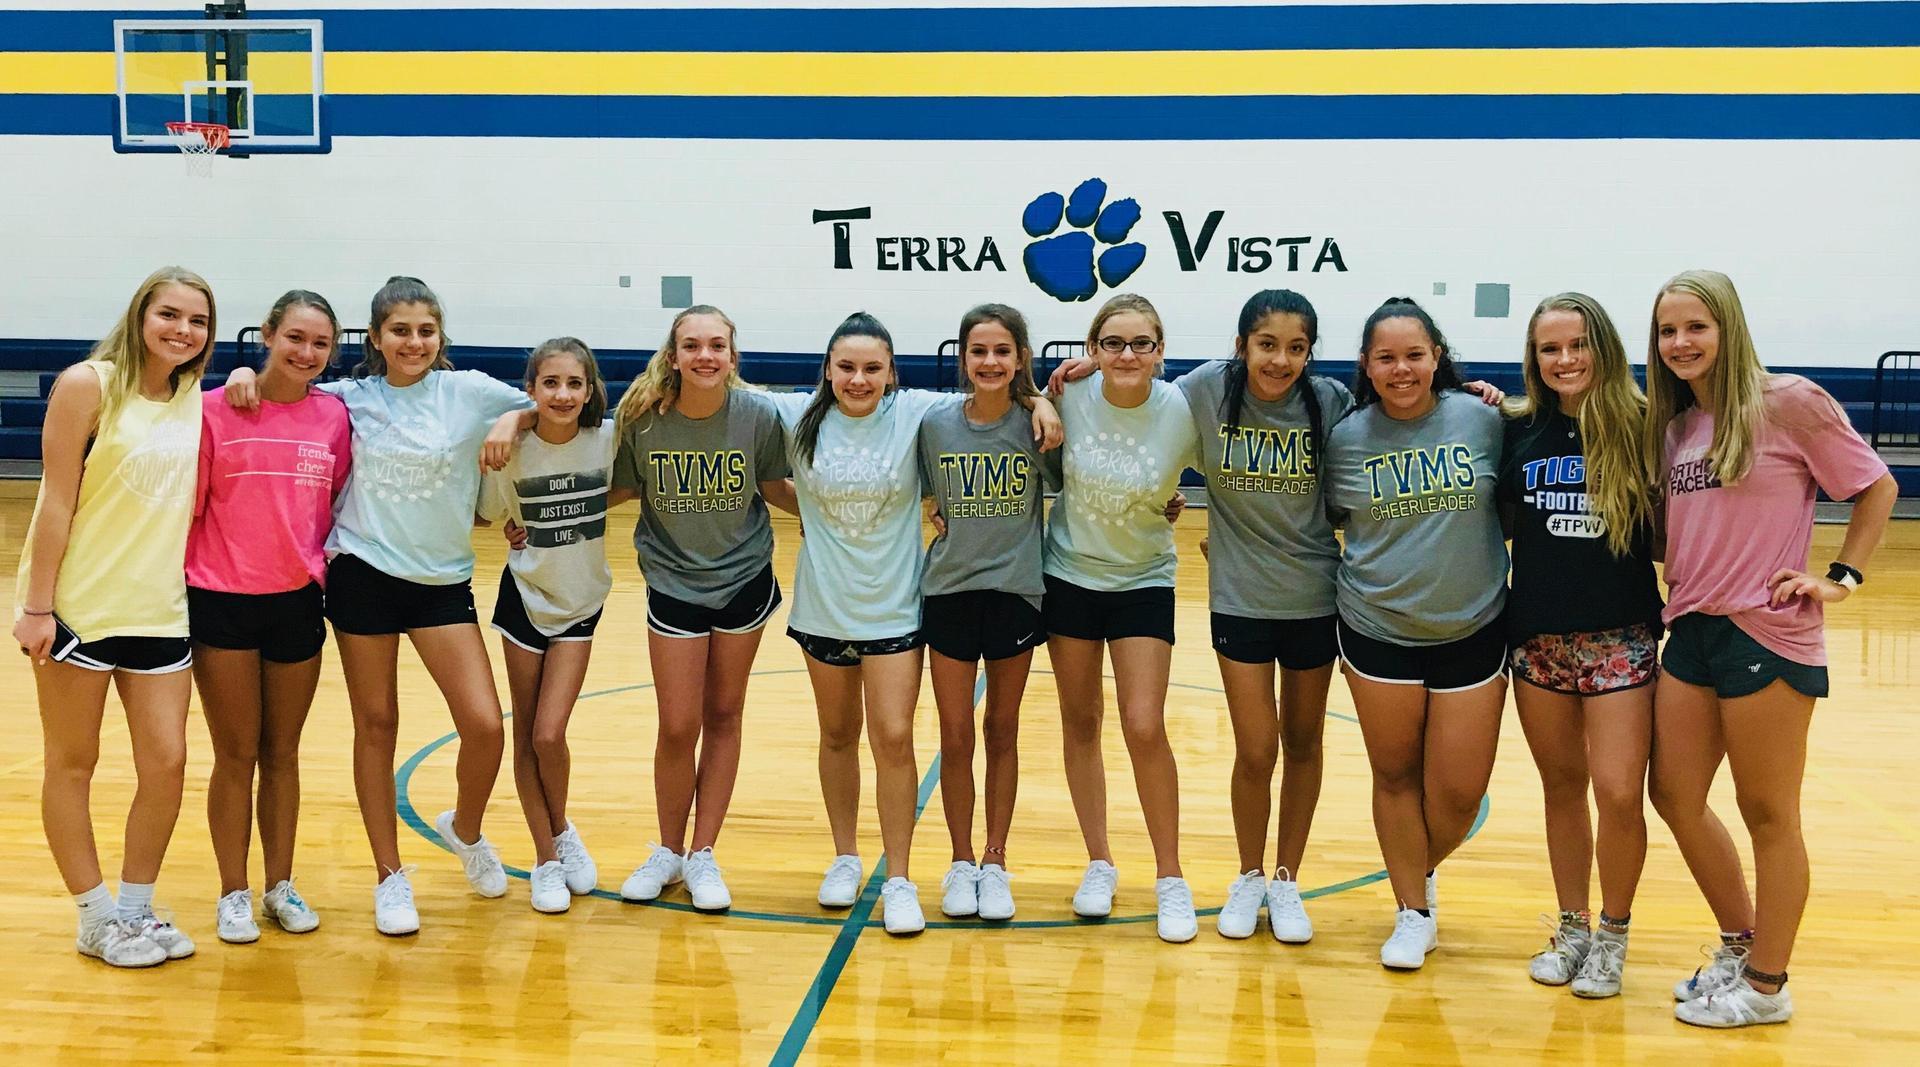 High School Cheerleaders helped us with stunting!